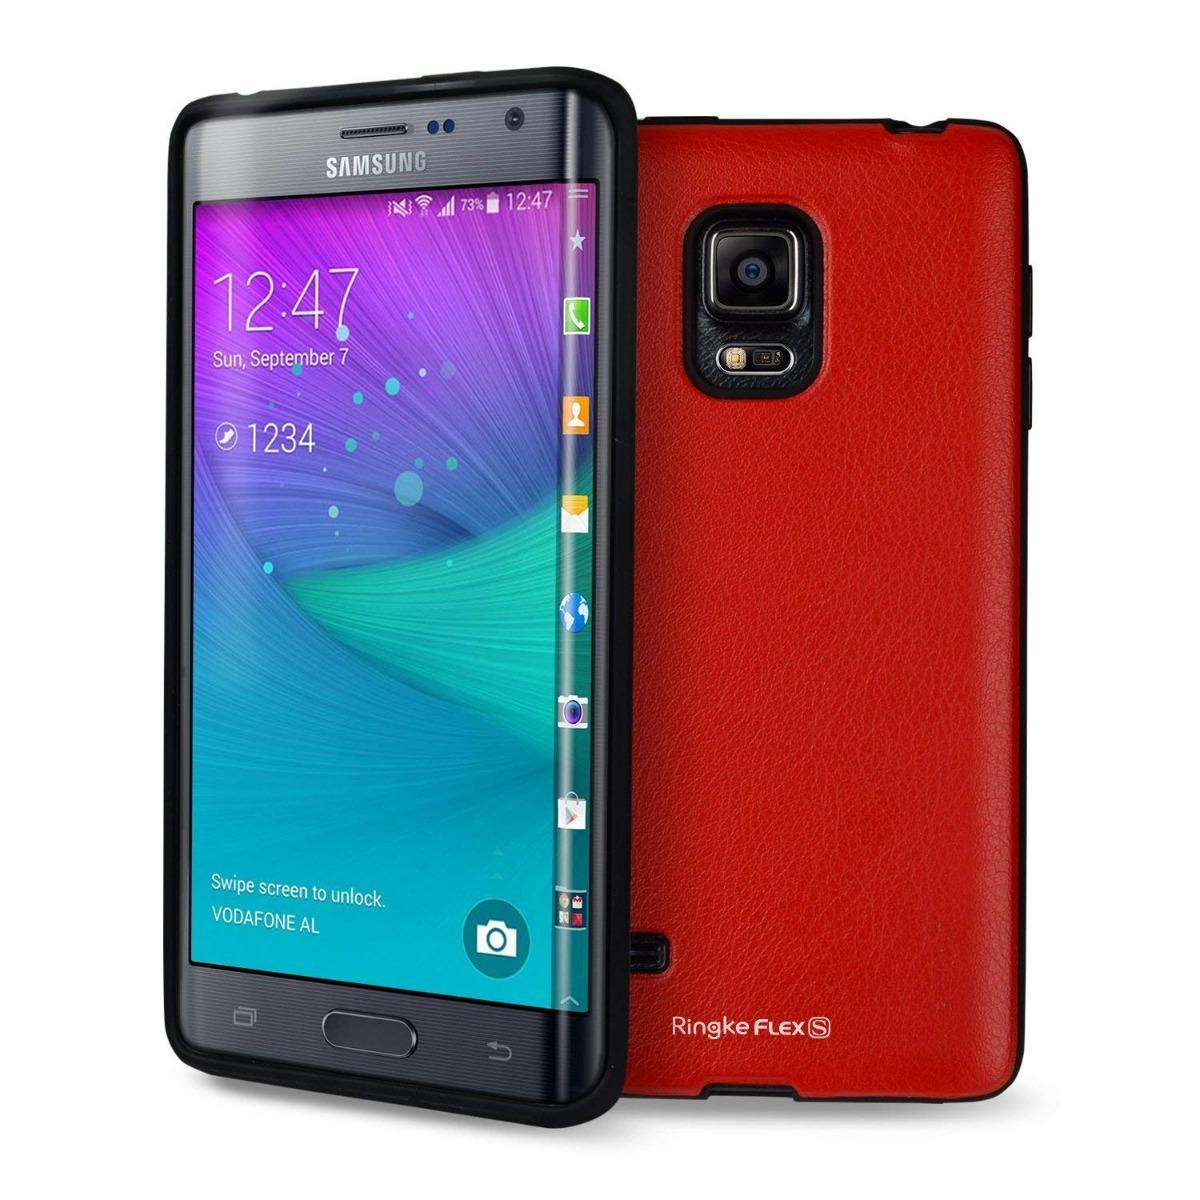 96db1fa73e6b5 Funda Case Bumper Ringke Flex Samsung Galaxy Note Edge -   349.00 en ...